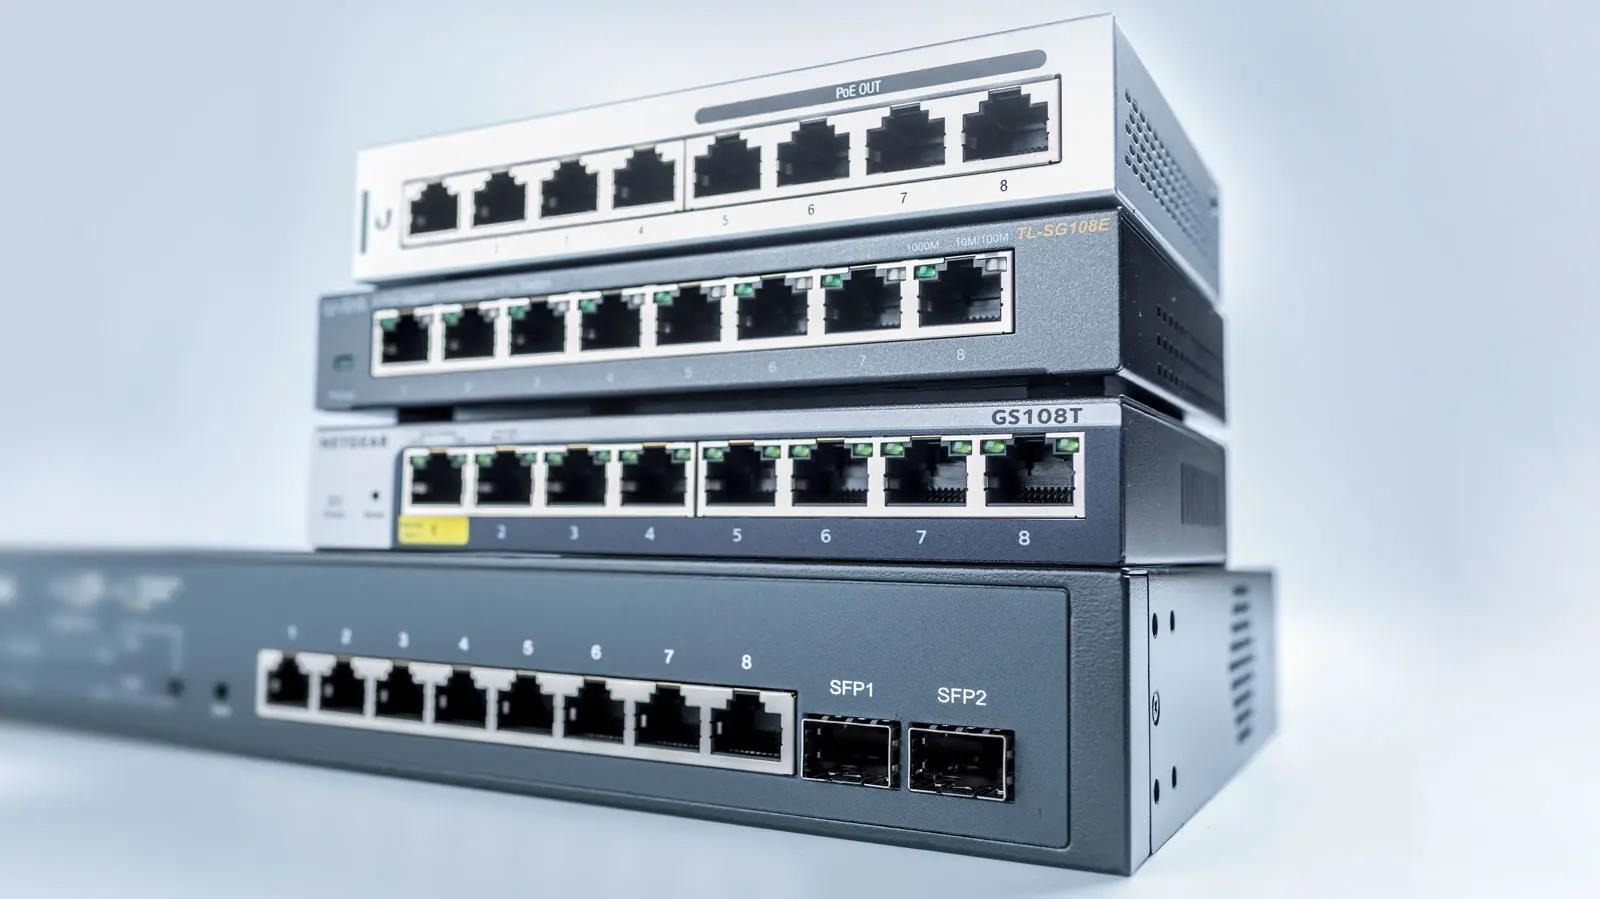 هاب hub - سوئیچ Switch و روتر Router